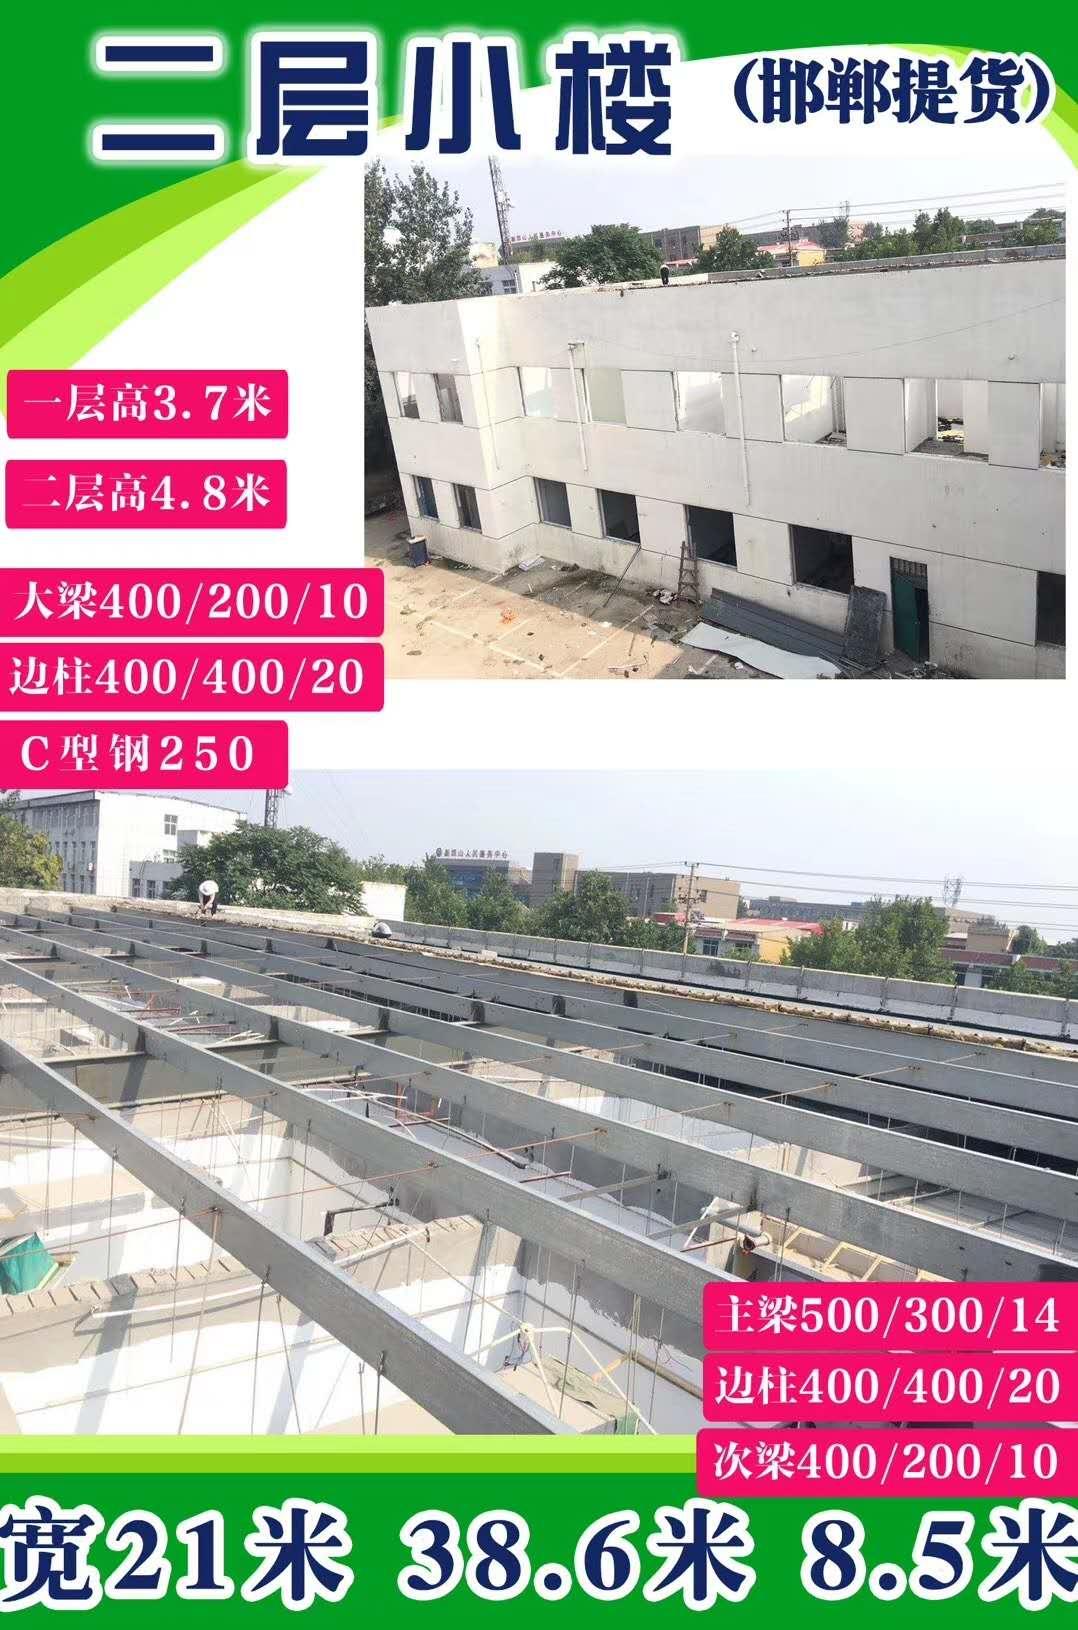 出售钢结构厂房 21m×38.6m×8.5m 邯郸提货 15801041849王